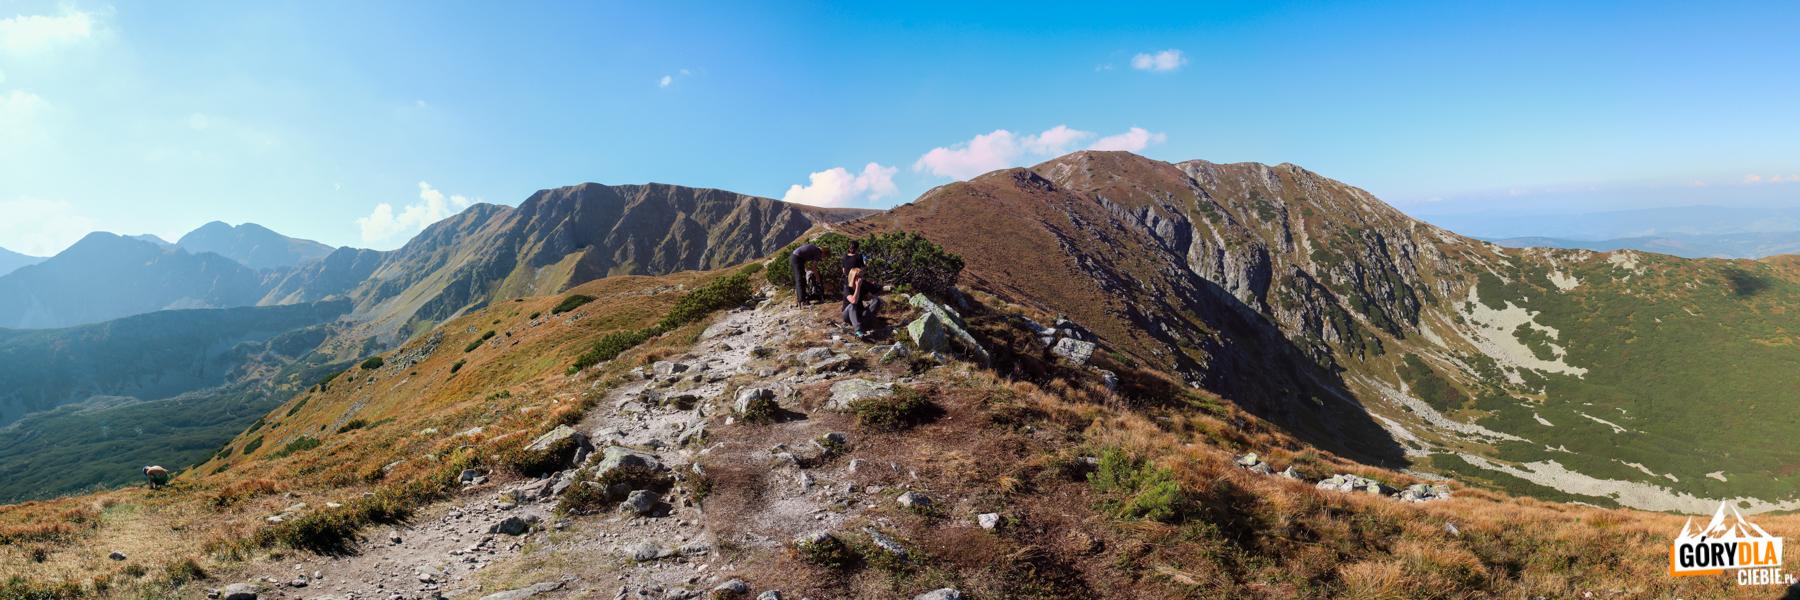 Widok zgrani Przedniego Salatyna (1815 m) naBrestową (1934 m) iSalatyn (2048 m)